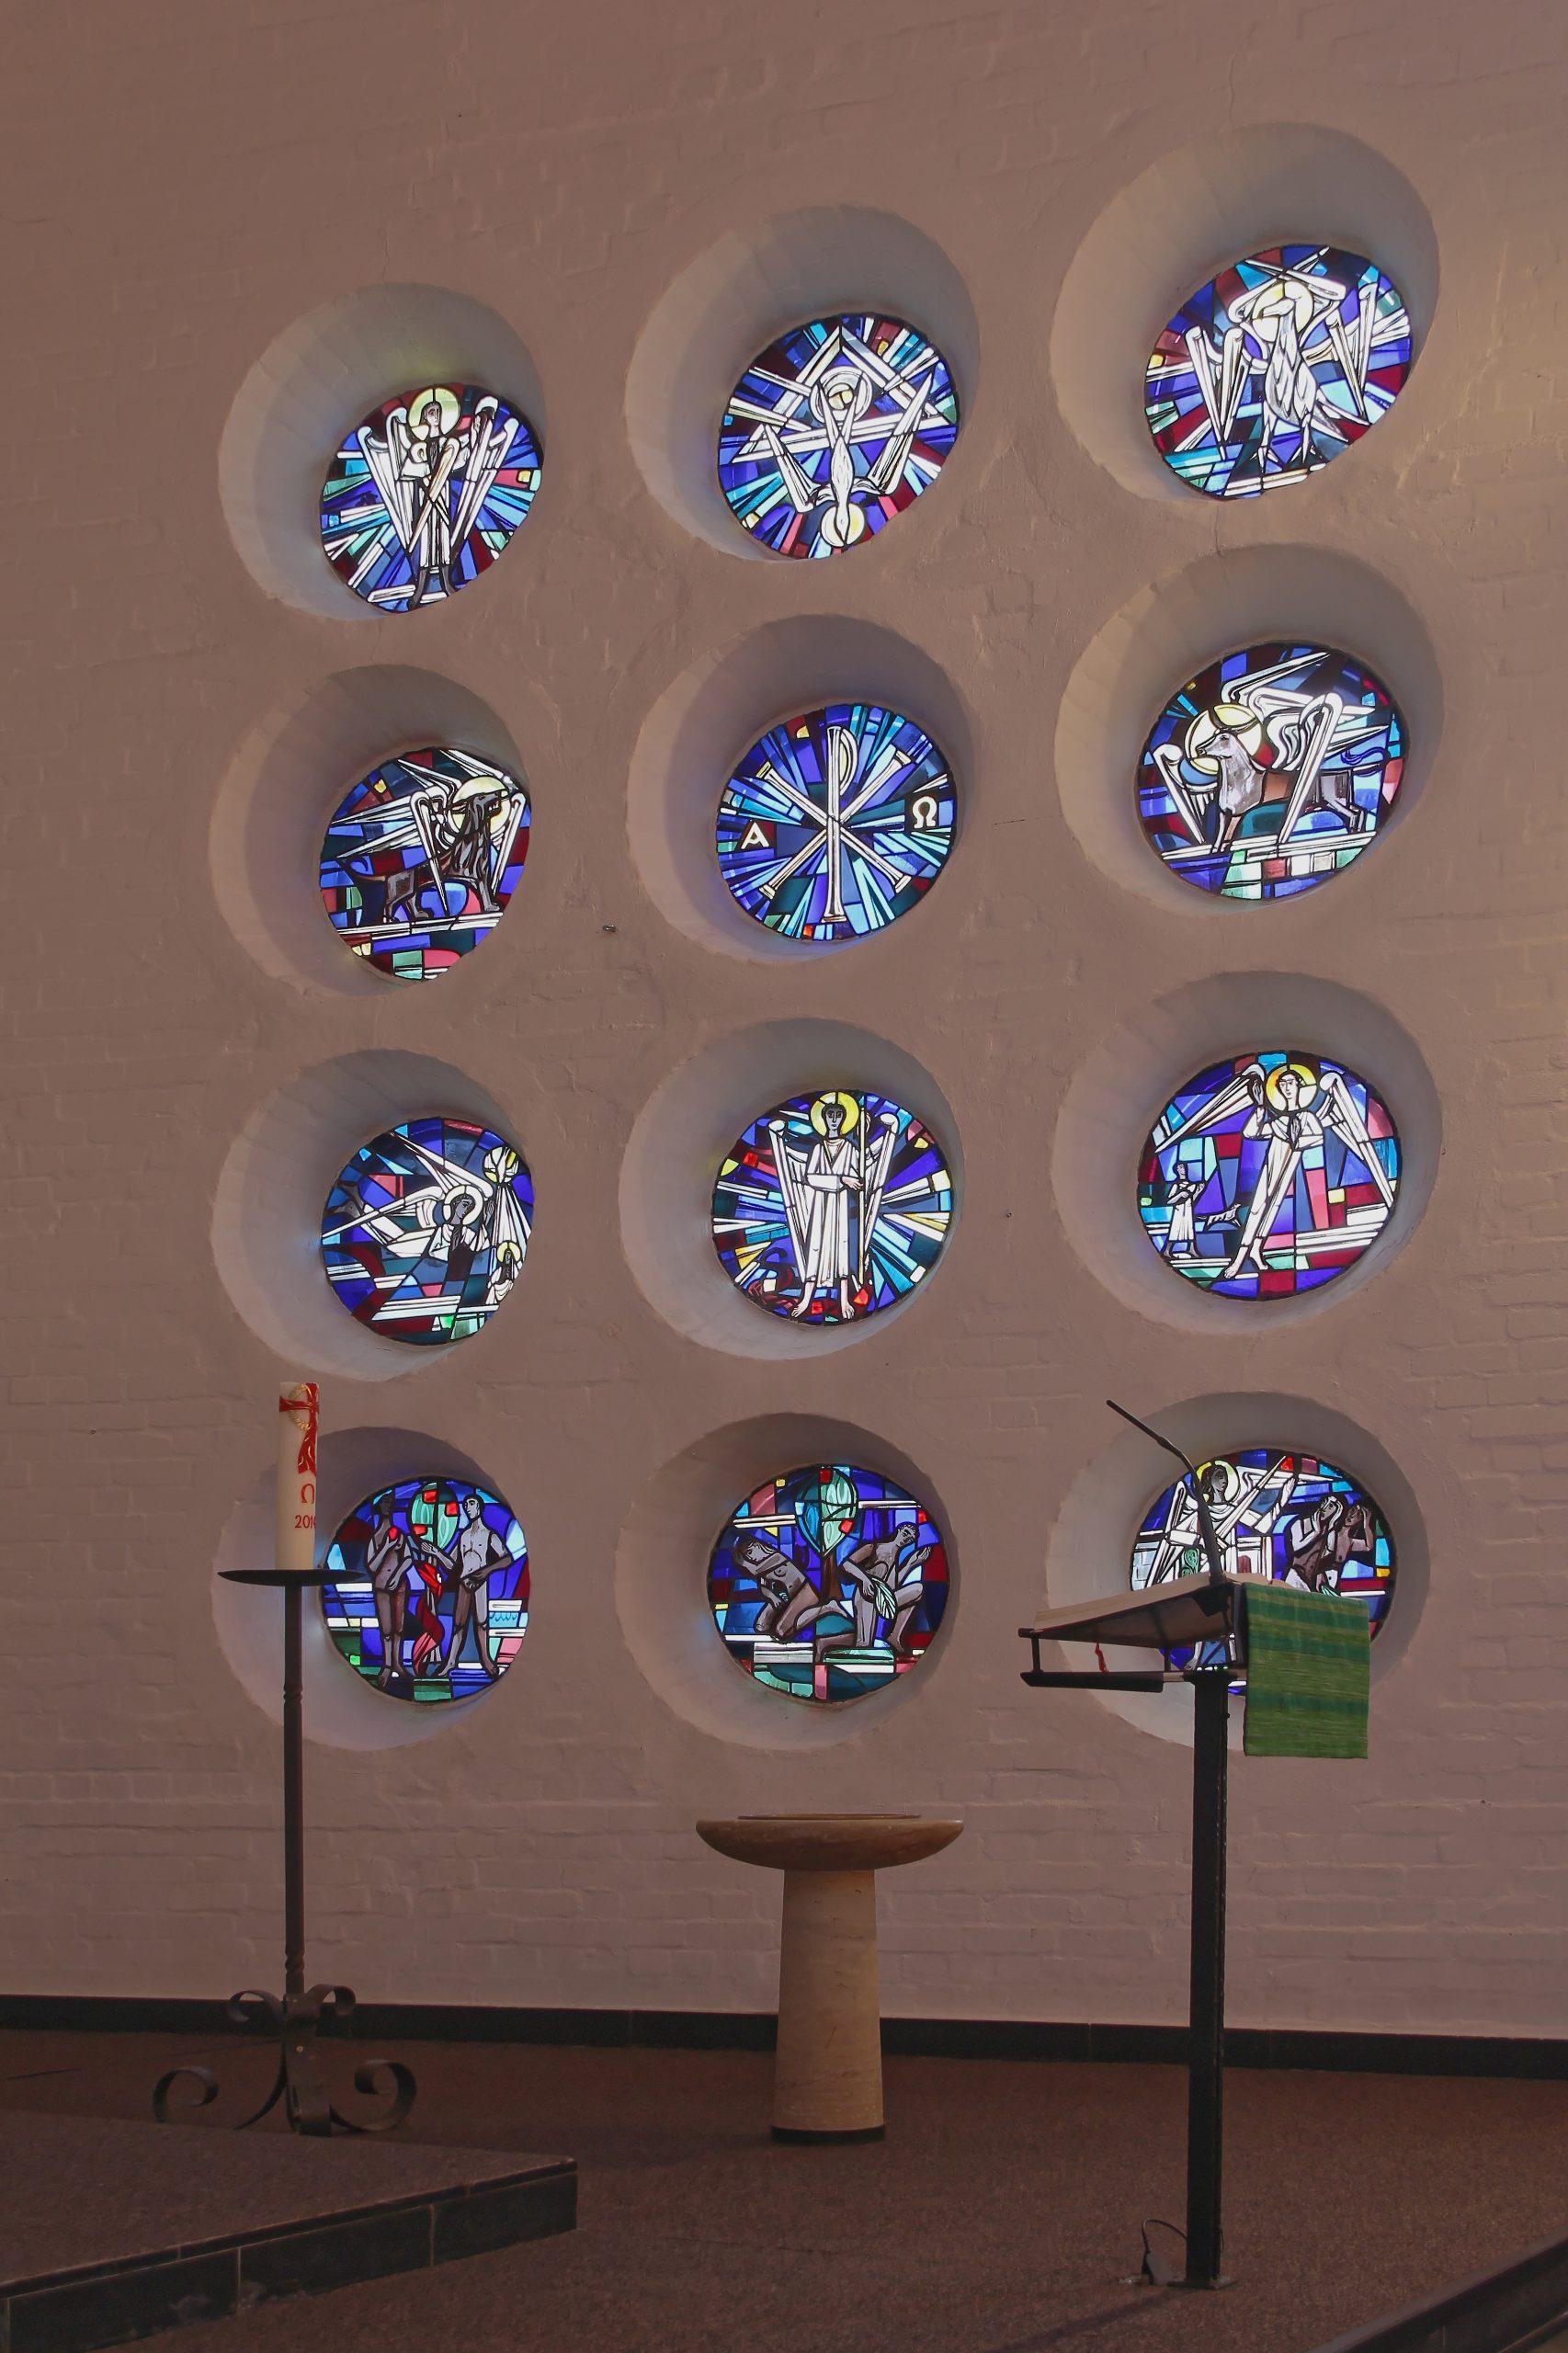 Full Size of Fenster Dateismb Rechtsjpg Wikipedia Polnische Dachschräge Bauhaus Gitter Einbruchschutz Einbauen Kosten Tauschen Zwangsbelüftung Nachrüsten Einbruchsicher Fenster Runde Fenster